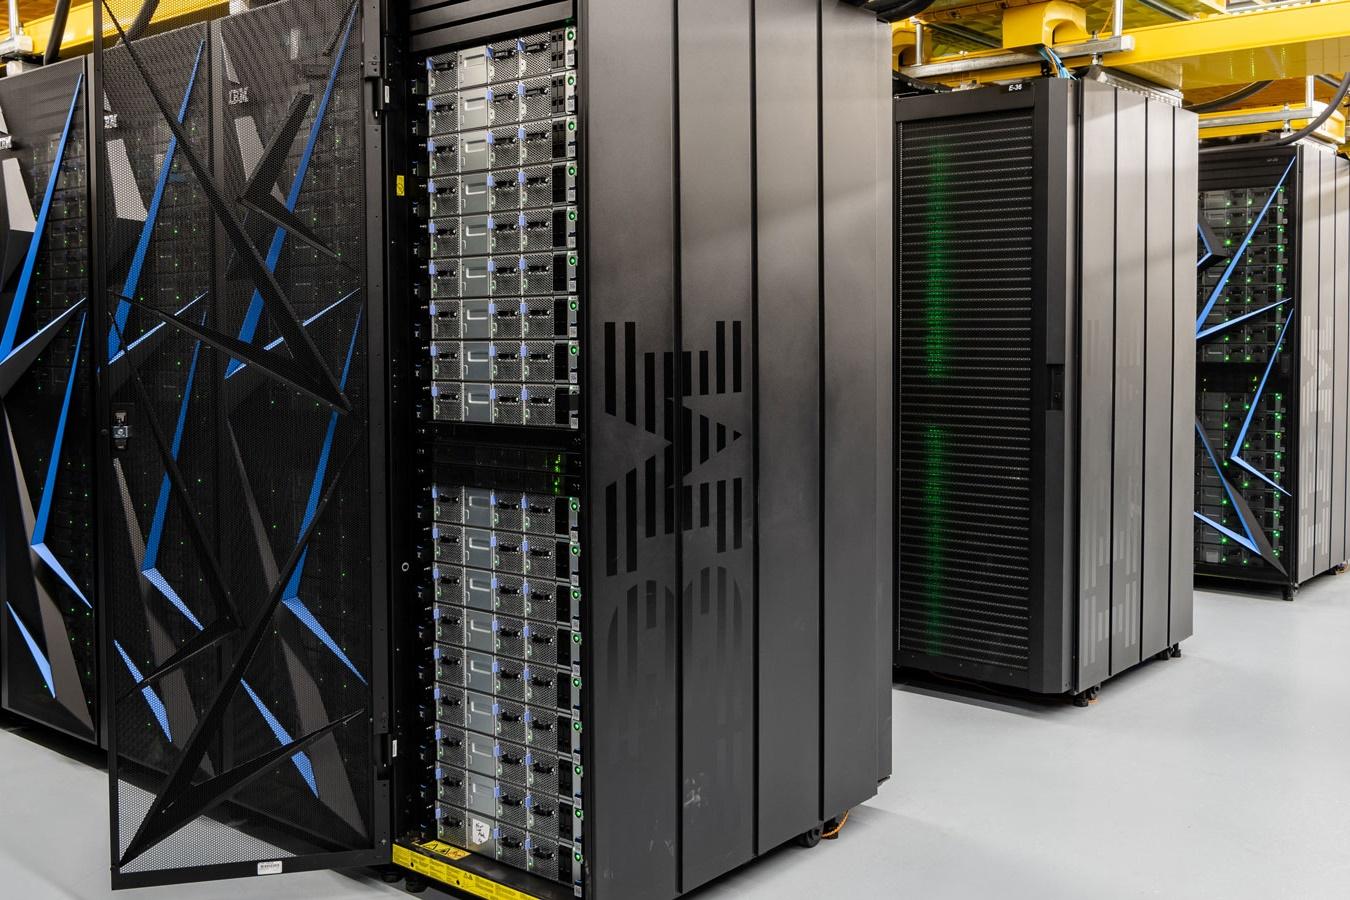 Imagem de Novo supercomputador mais poderoso do mundo entra em operação nos EUA no tecmundo